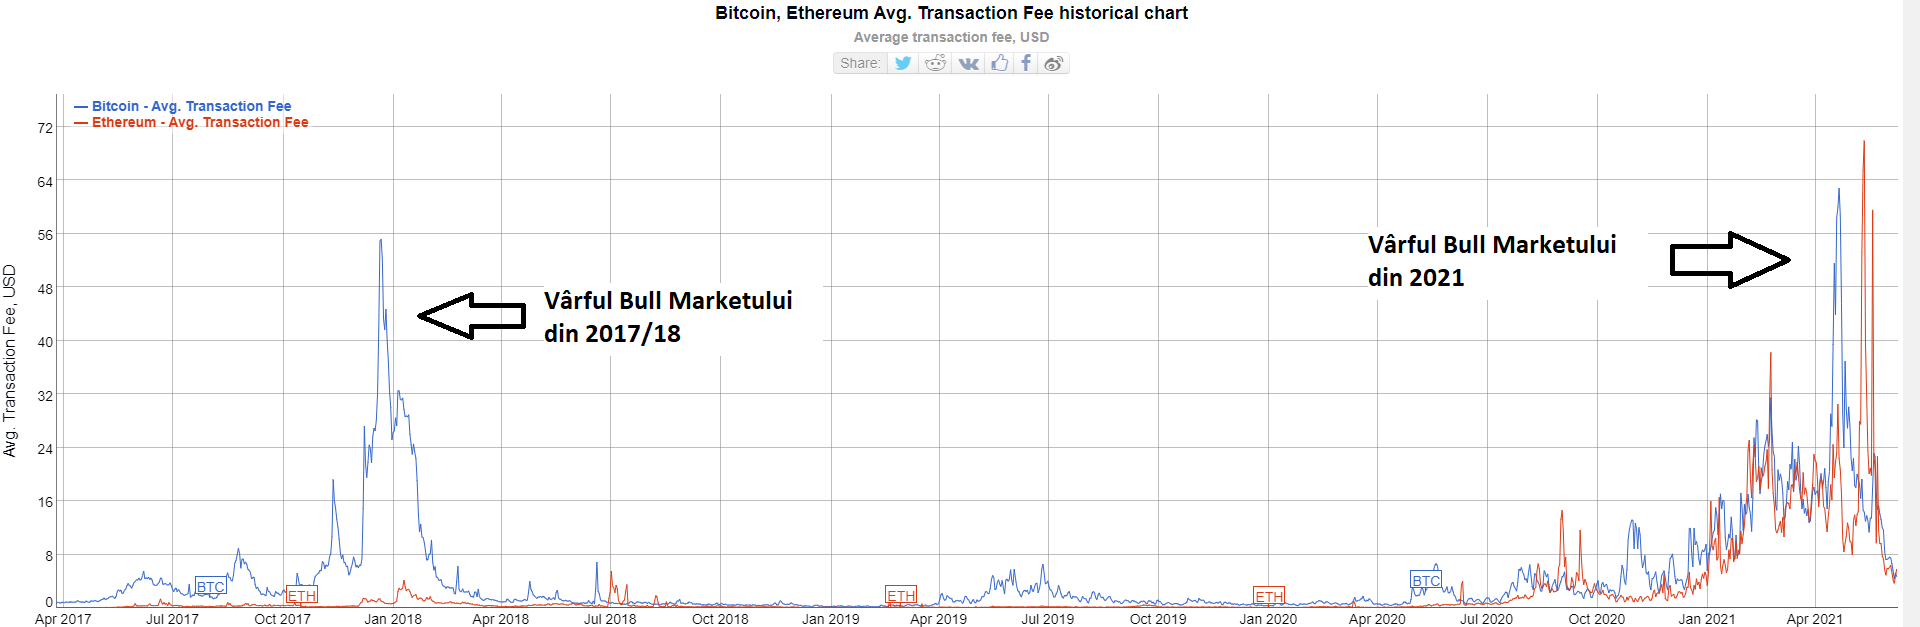 Taxele Bitcoin și Ethereum au scăzut 90% de la All Time High